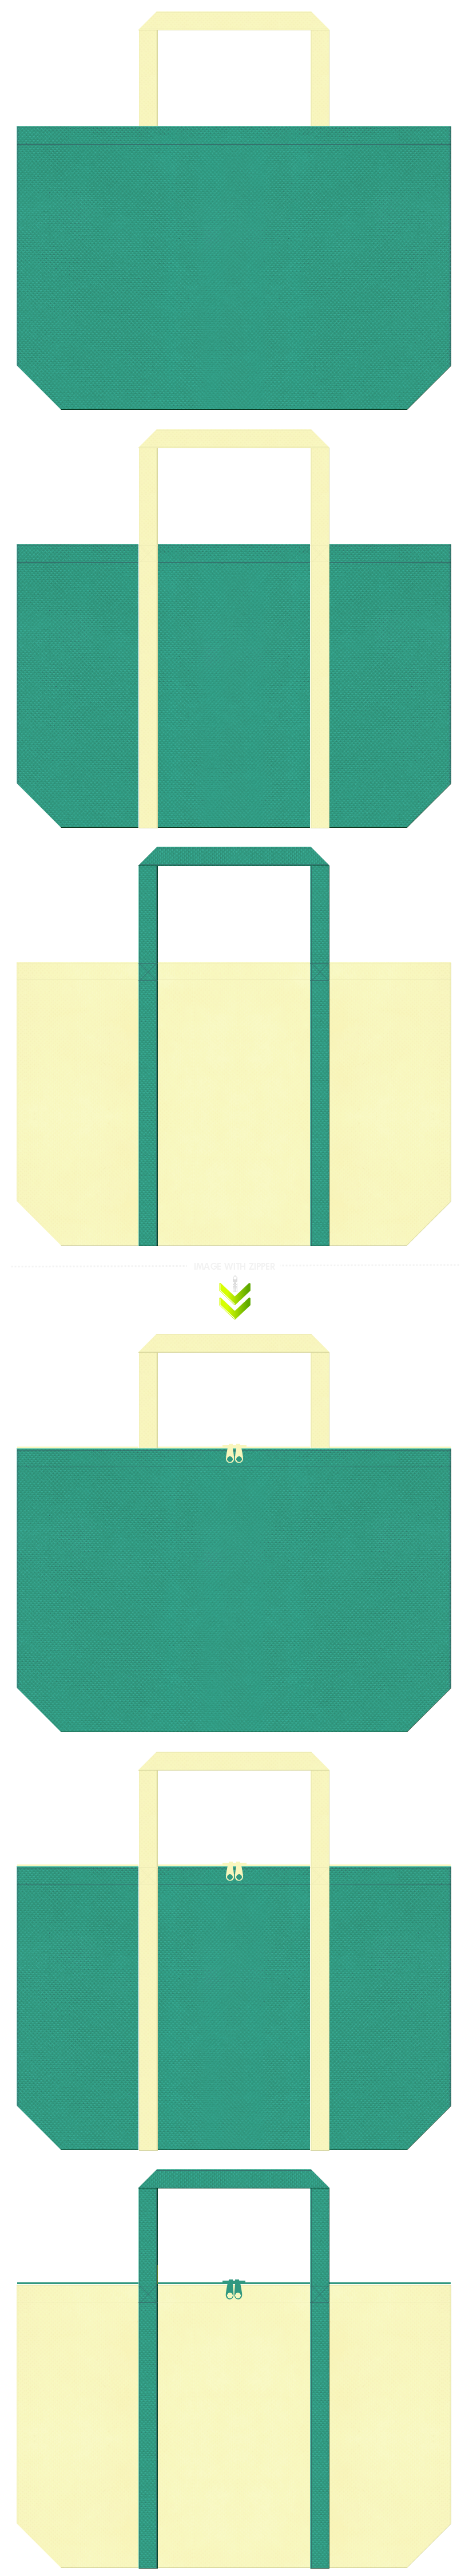 掃除、洗濯等のクリーンなイメージのバッグノベルティにお奨めのコーデ。青緑色と薄黄色の不織布エコバッグデザイン。